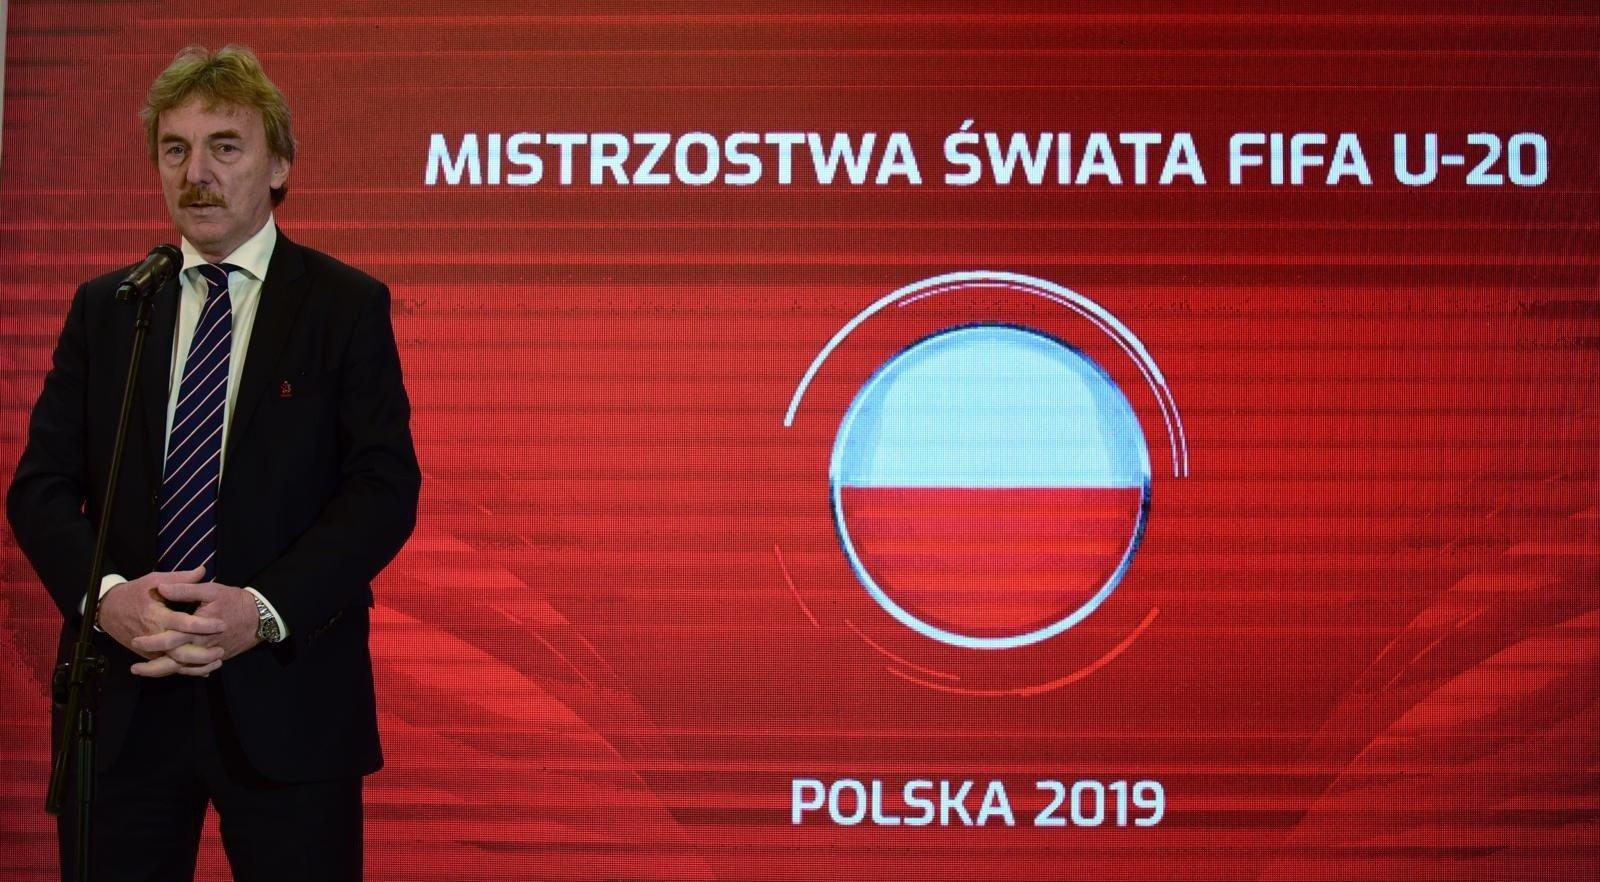 mistrzostwa świata w polsce